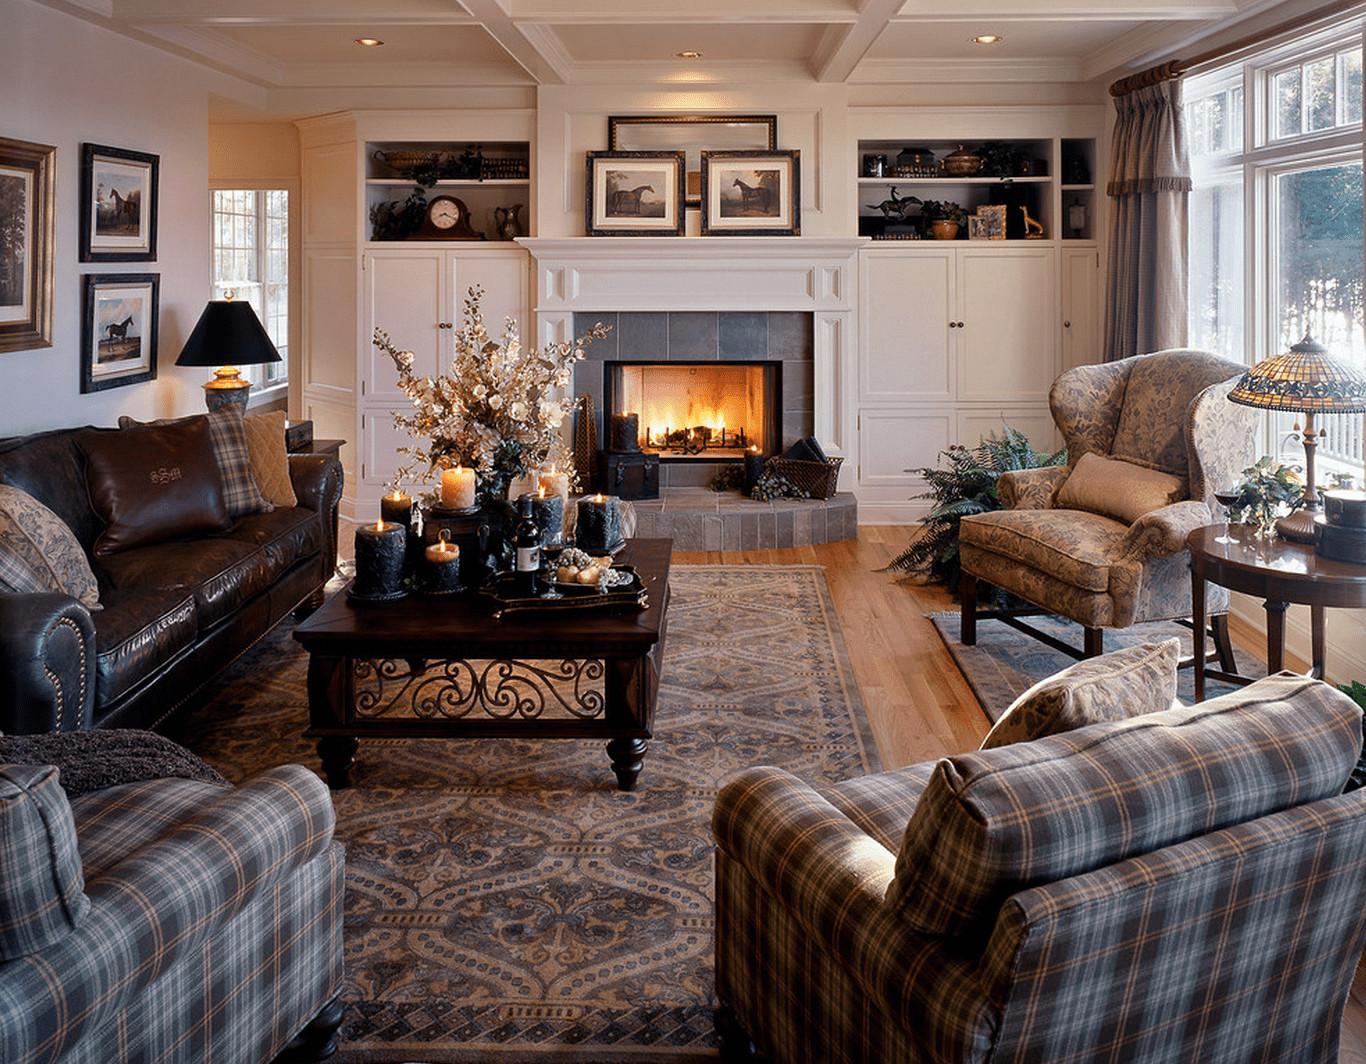 Cozy Living Room Decorating Ideas 21 Cozy Living Room Design Ideas